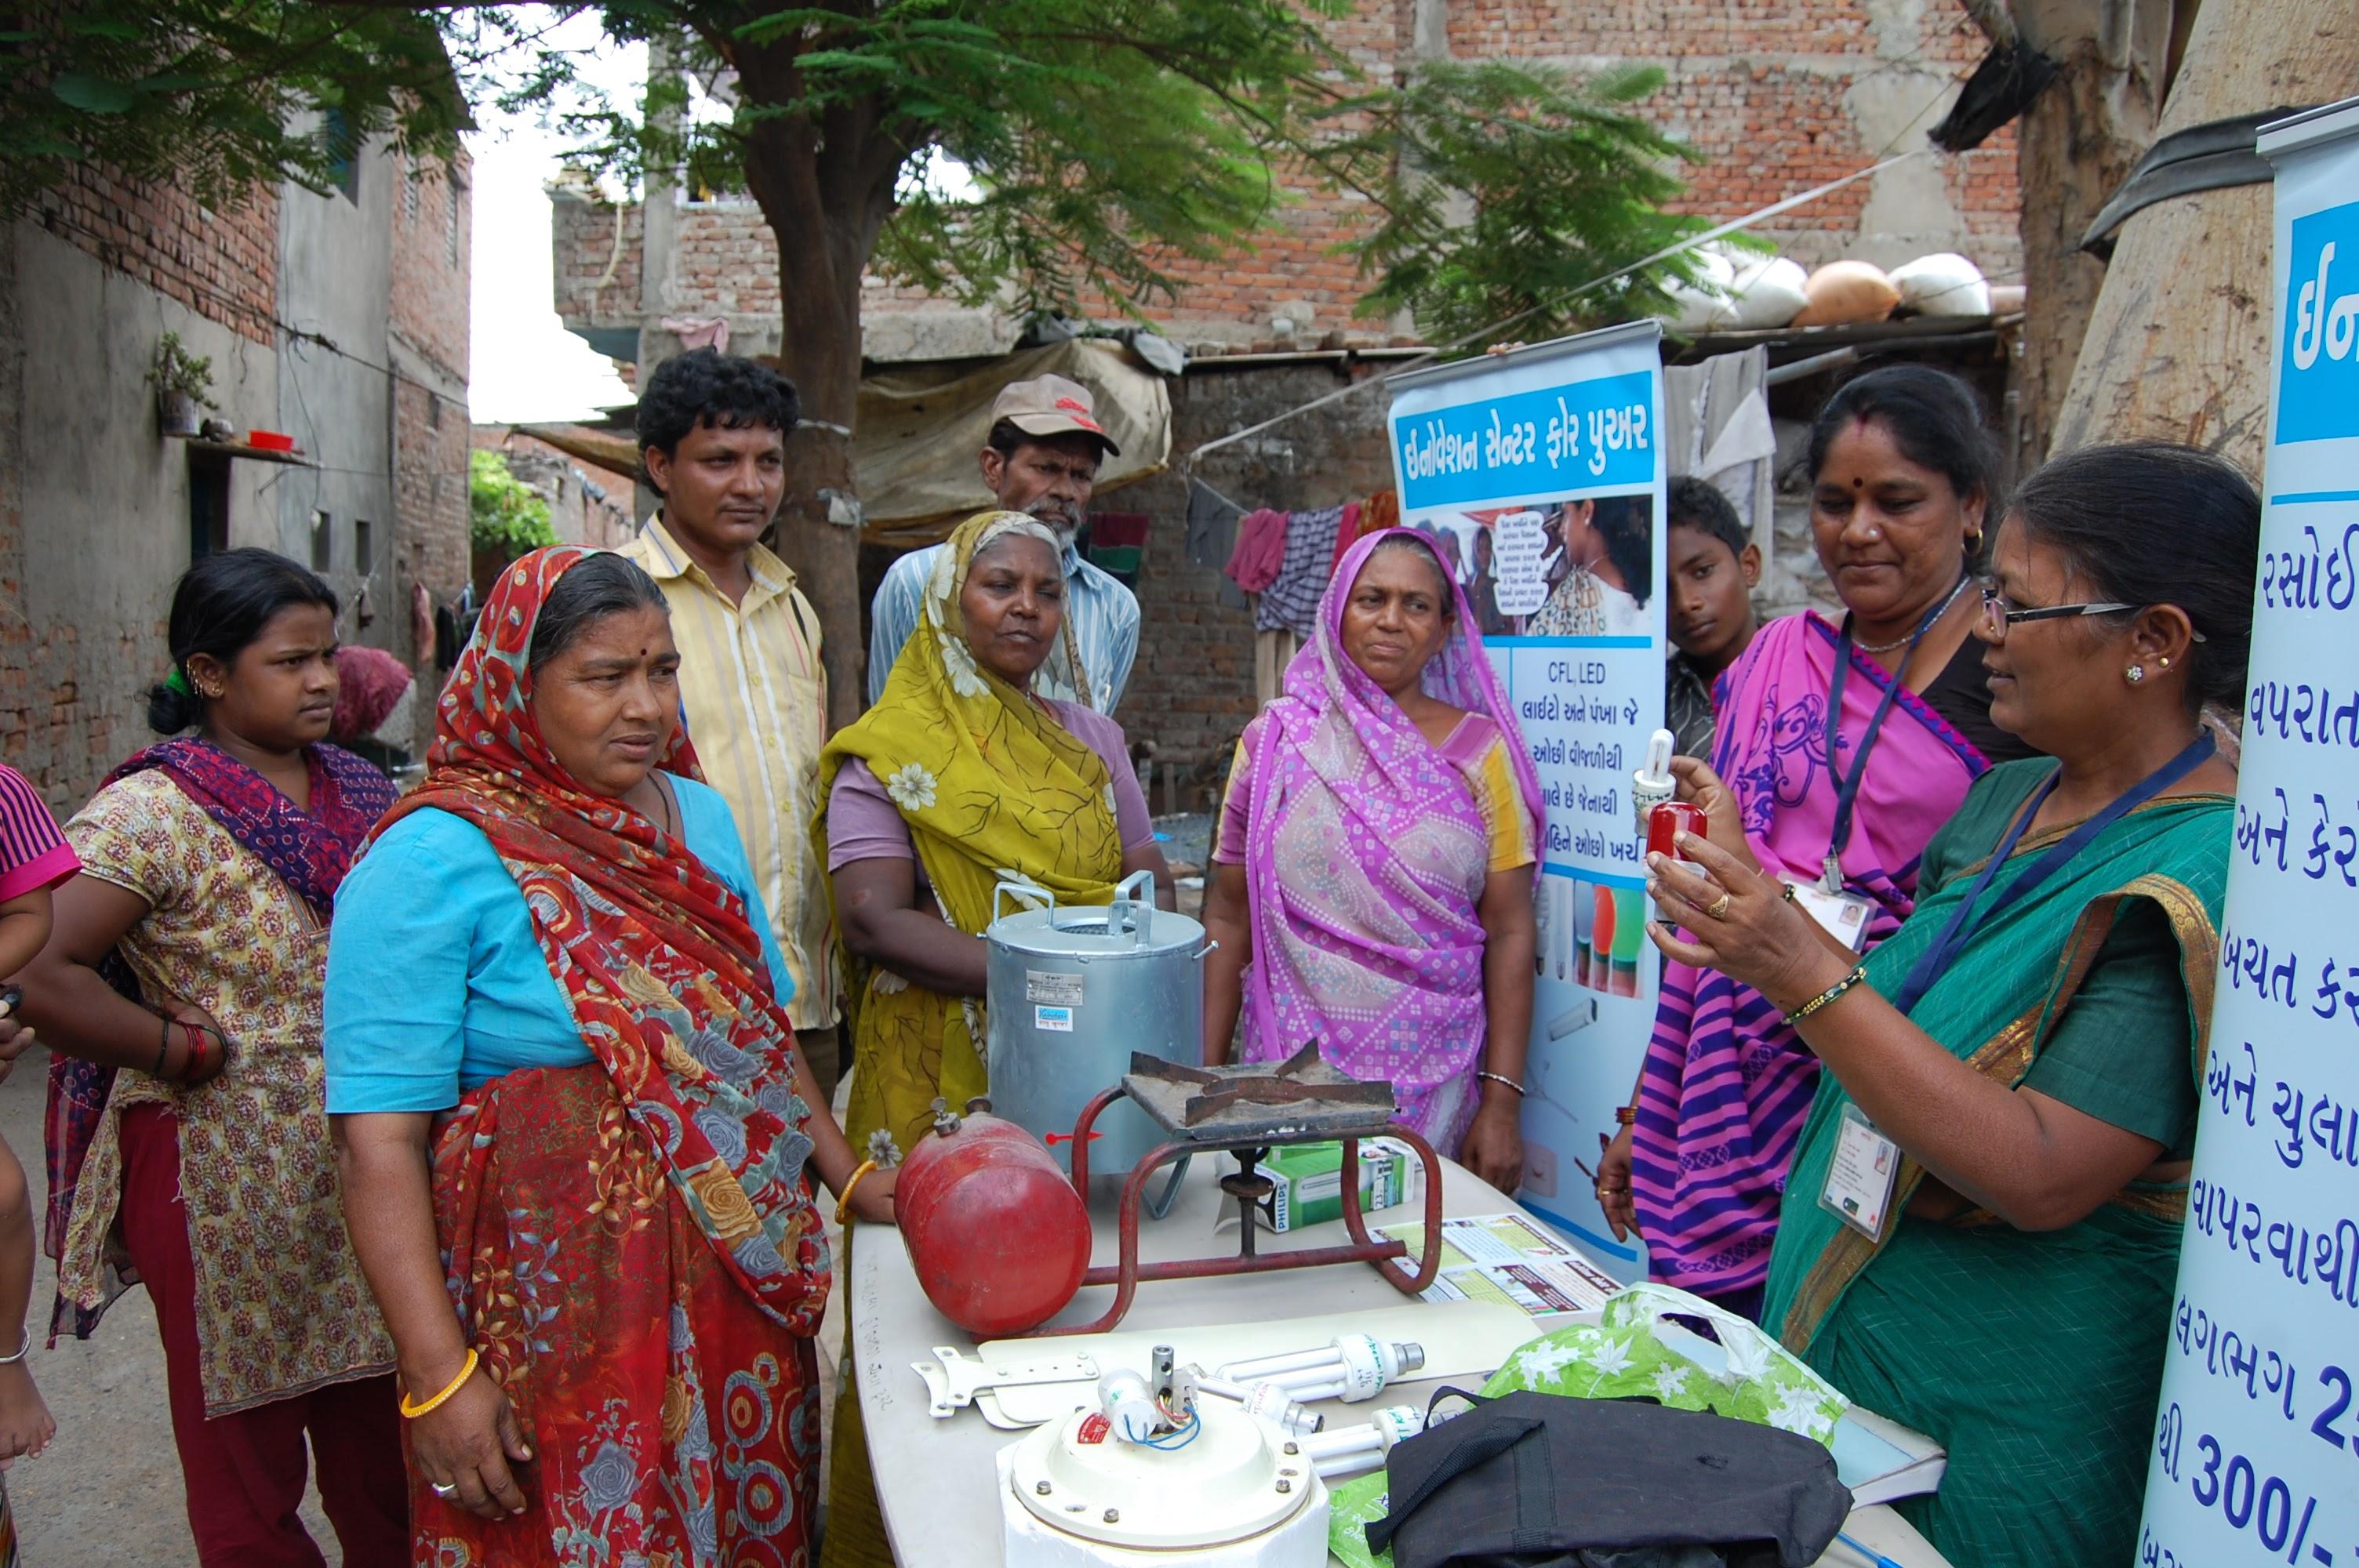 <p>Seorang Vikasini, atau perempuan pemimpin lokal, mengajarkan penduduk Ahmedabad tentang audit energi rumah. Foto oleh Mahila Housing Trust</p>